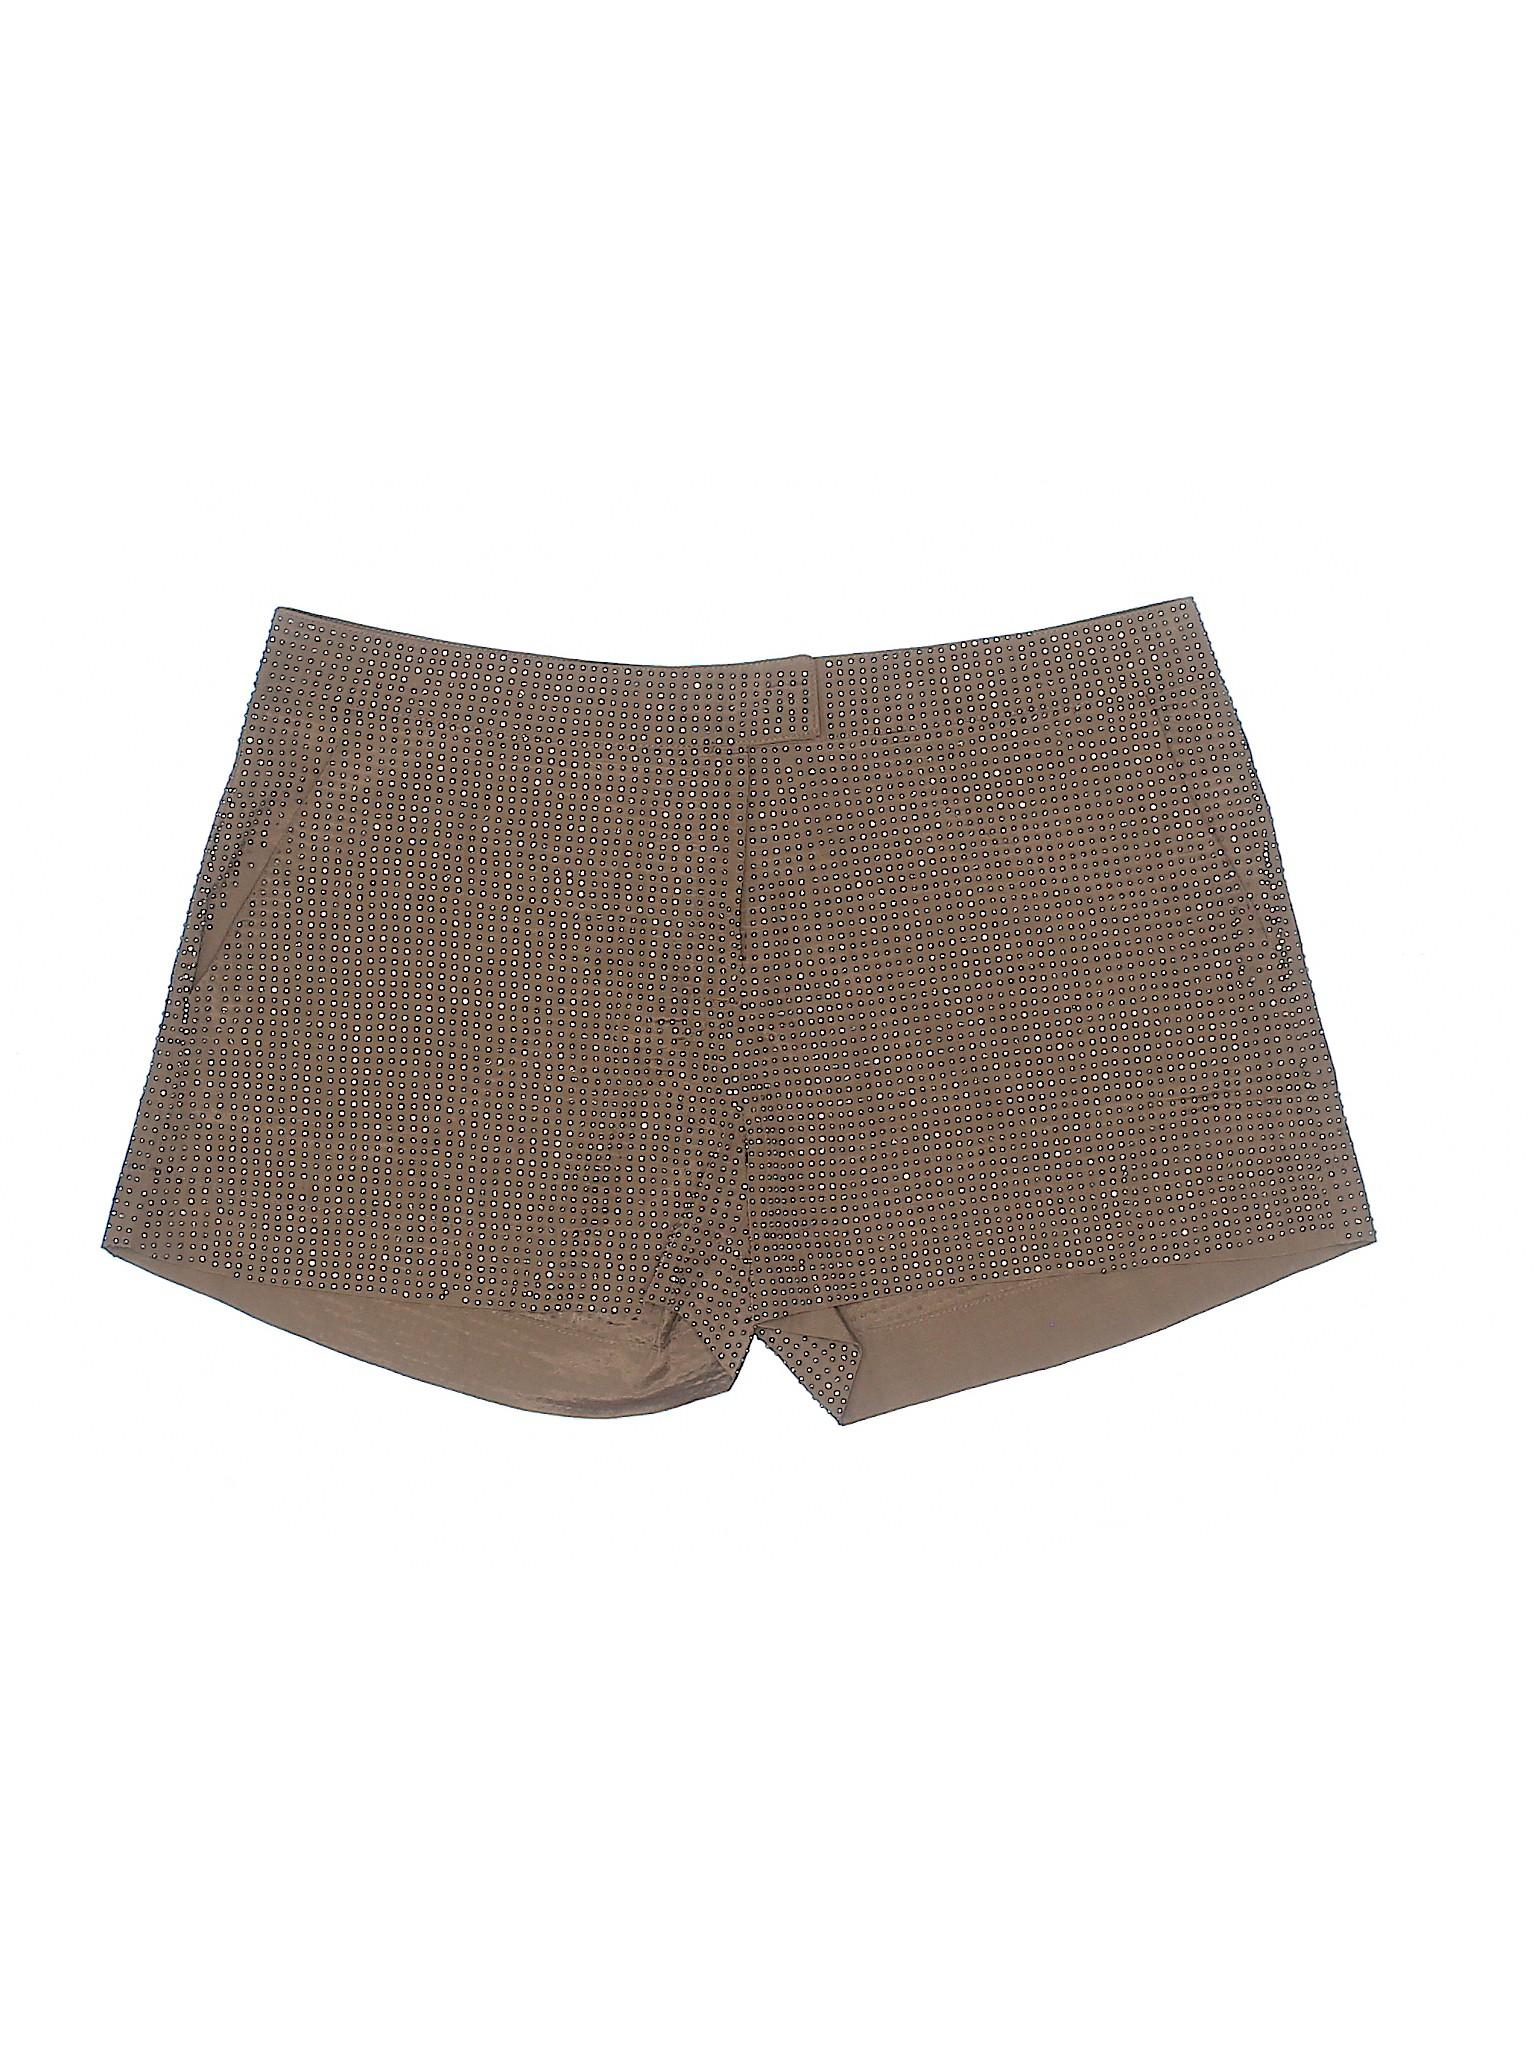 Boutique Umgee Umgee Shorts Dressy Boutique Dressy Shorts 48xqpw